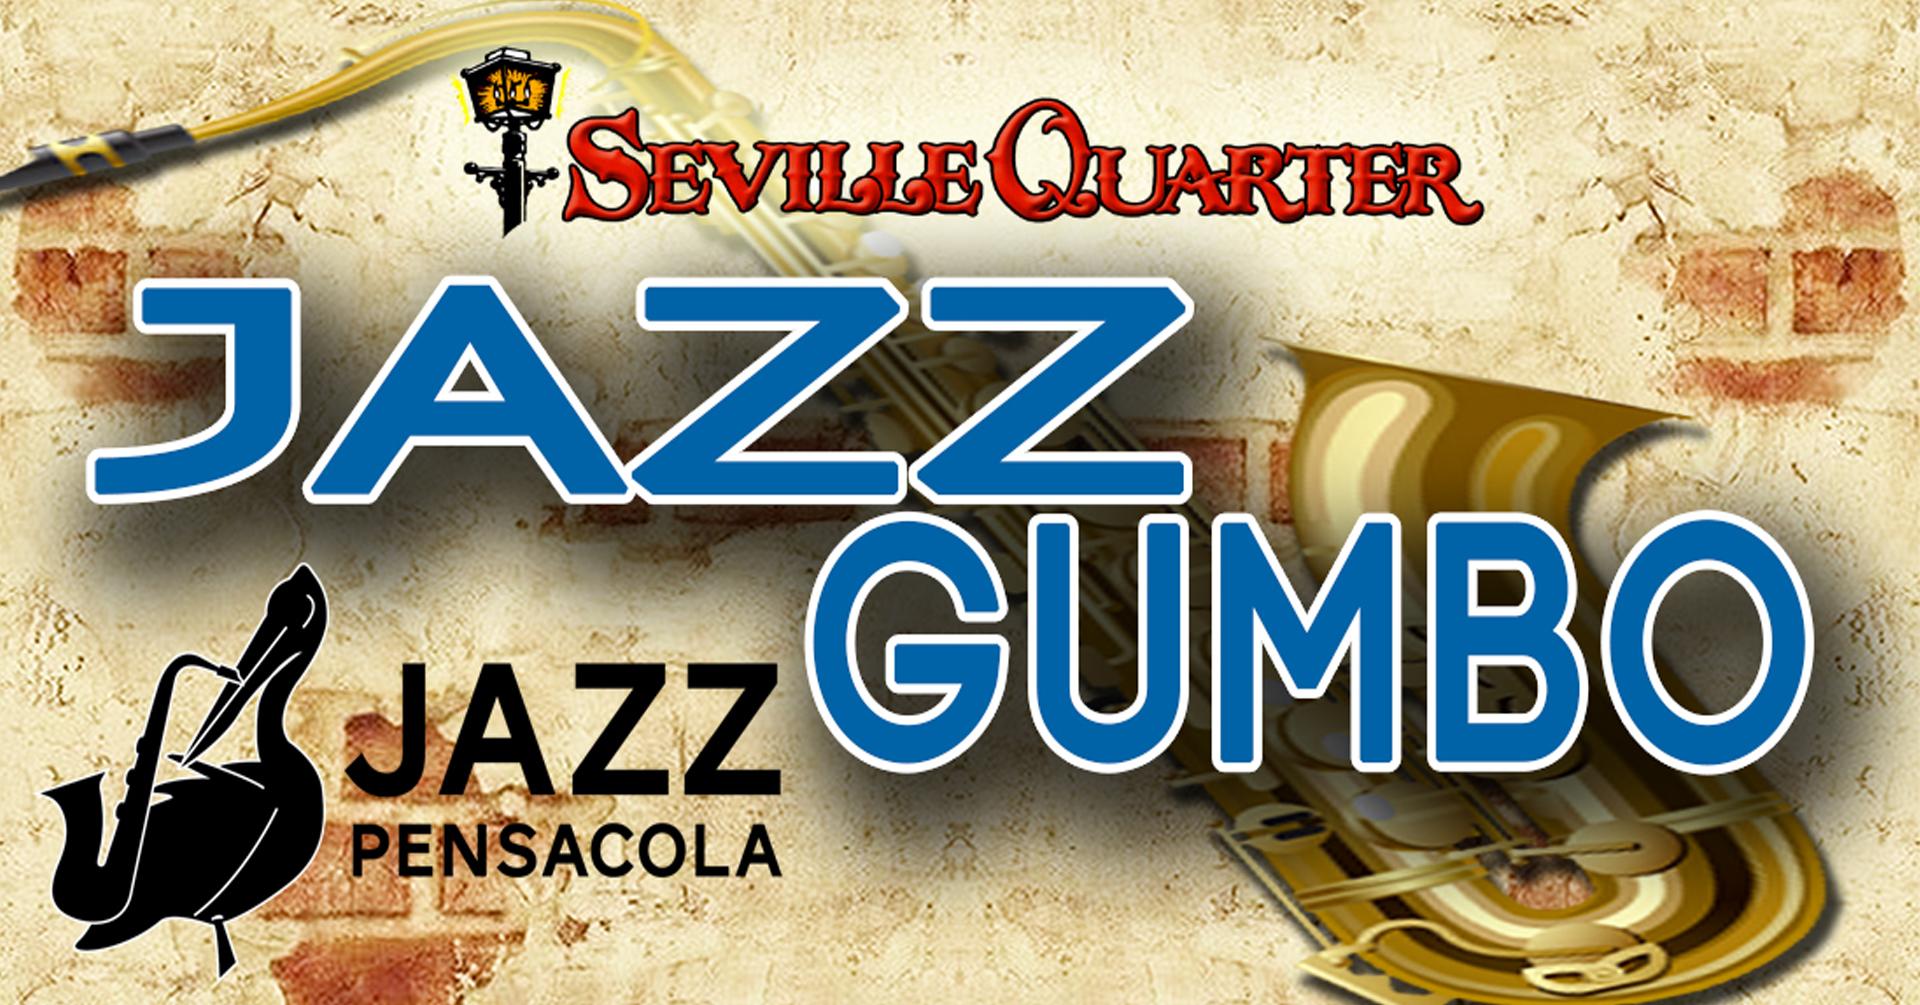 Seville Quarter Event Jazz gumbo